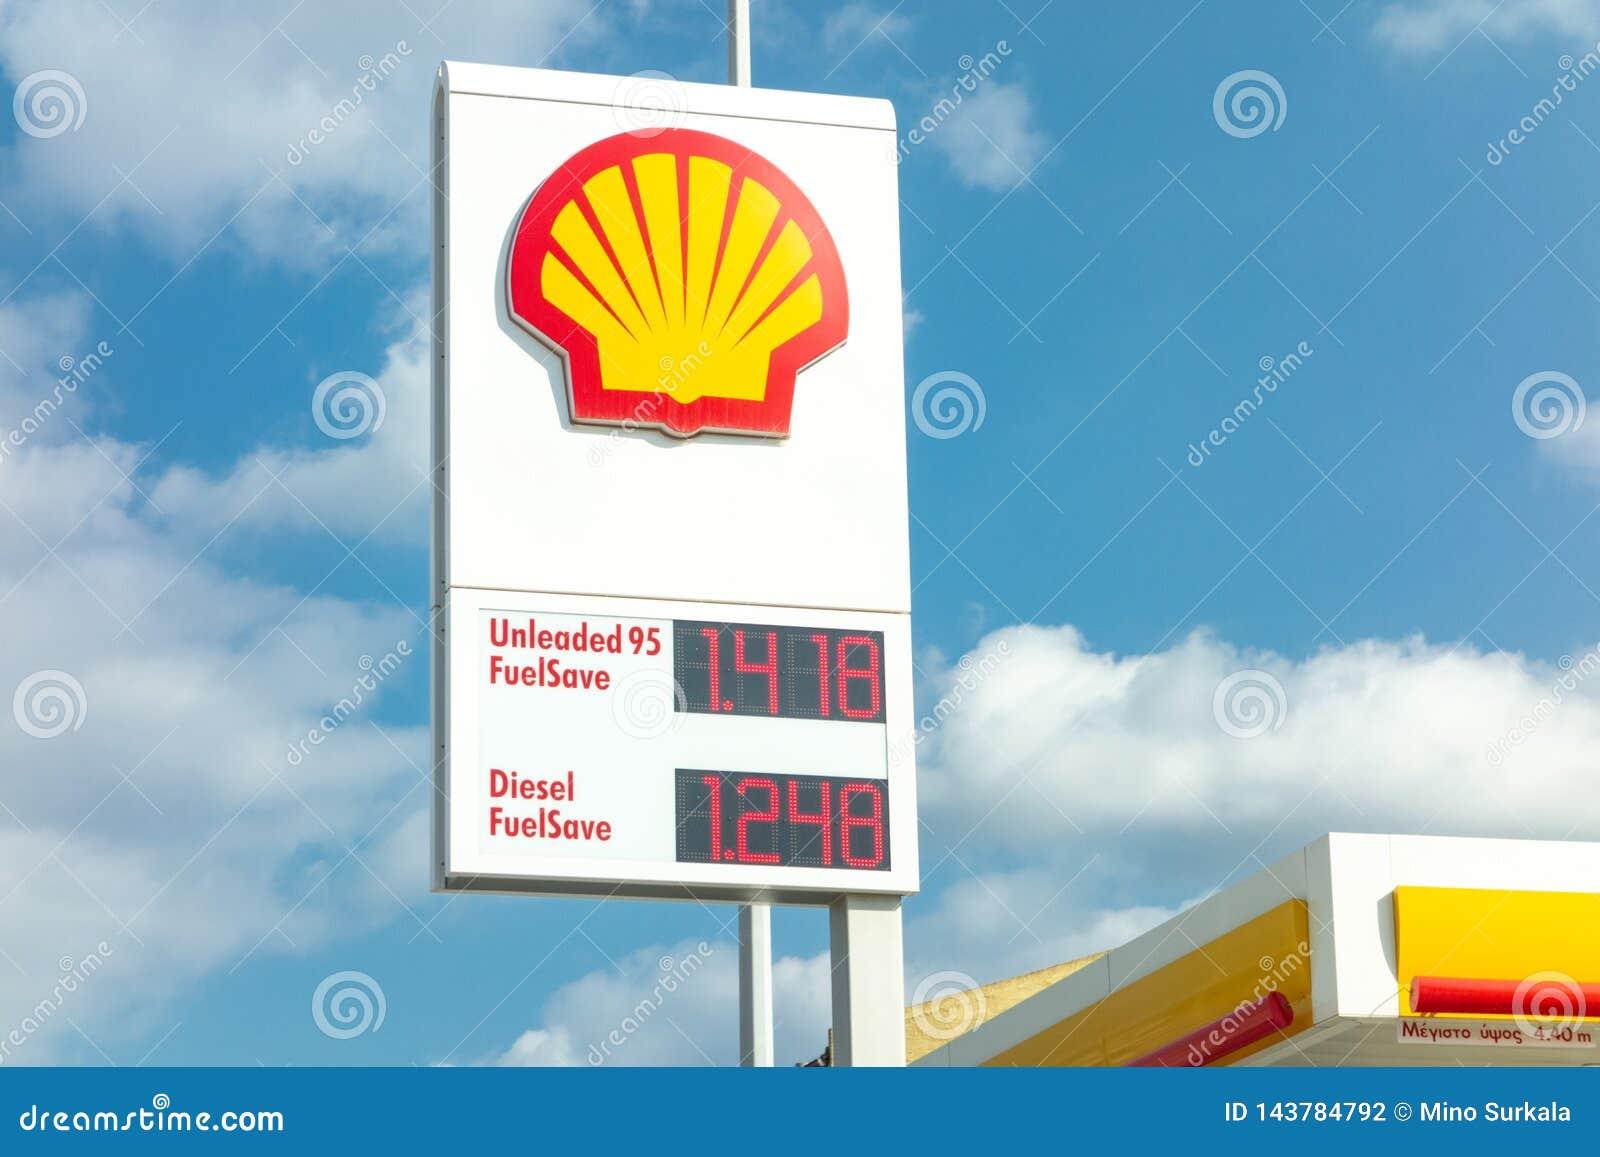 Insegna della stazione di servizio di Shell con i andfuels di un logo della società forniti dei loro prezzi